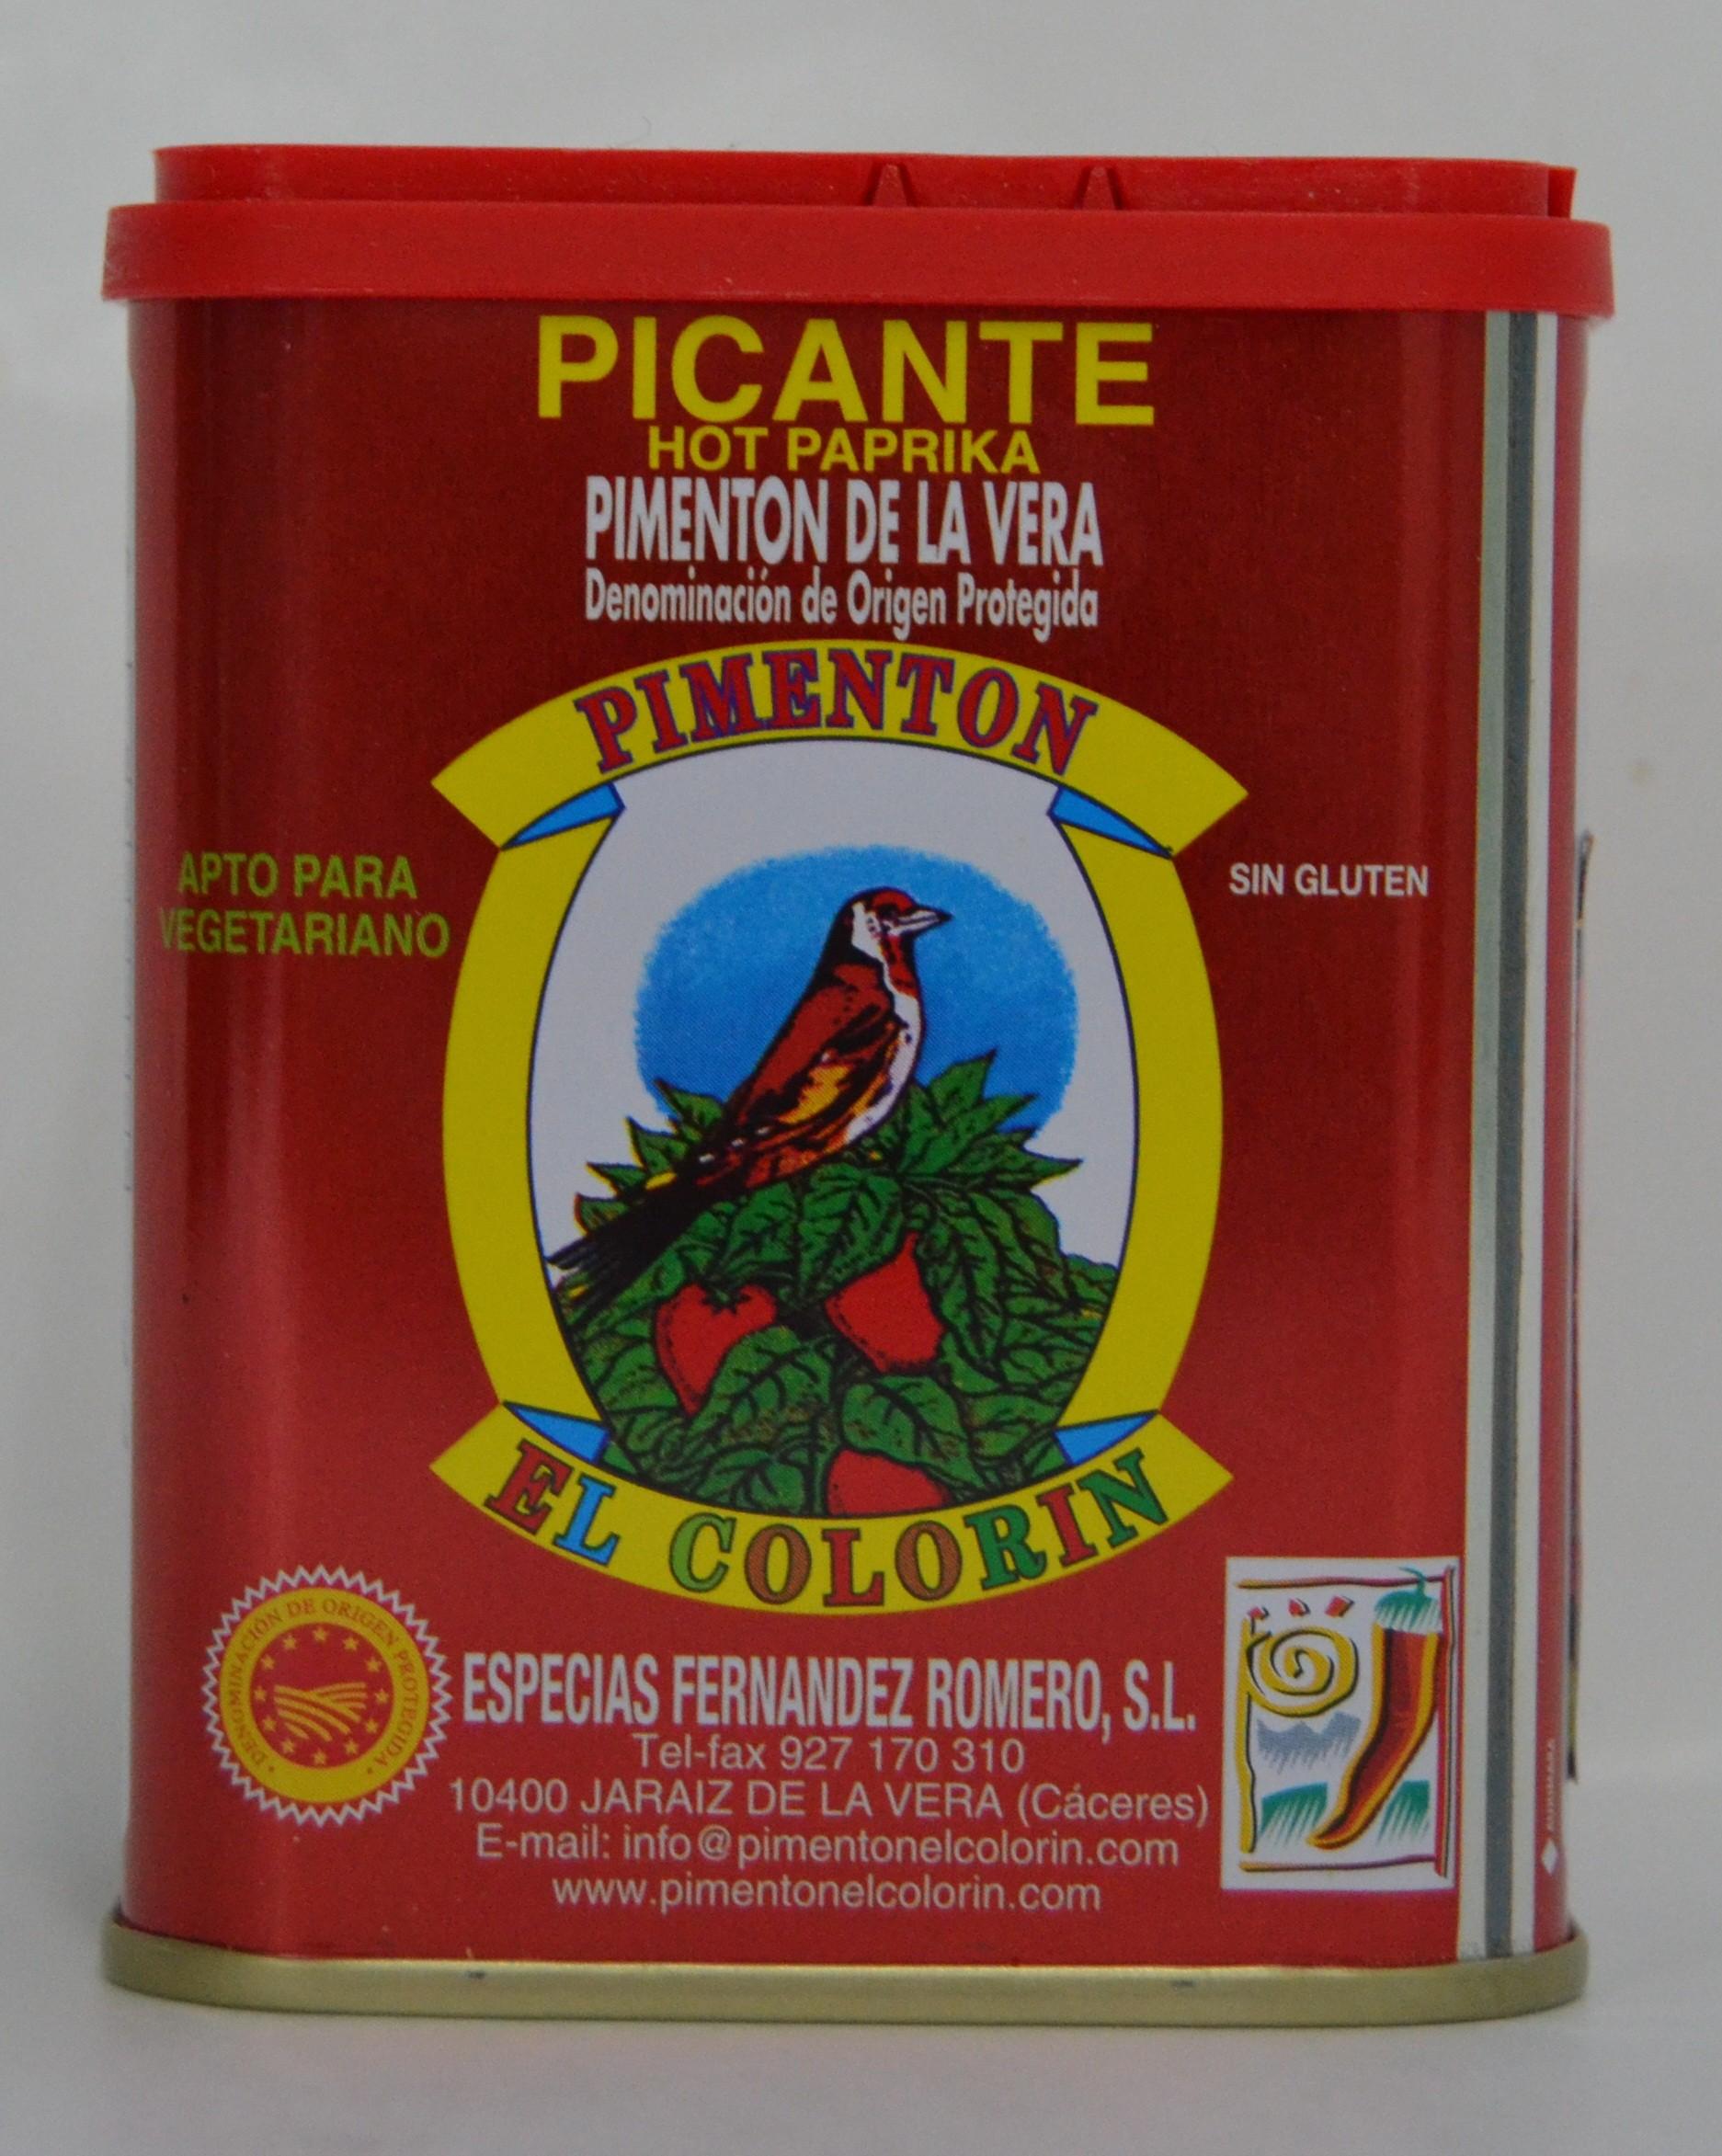 PIMENTÓN DE LA VERA PICANTE 0,125 Kg